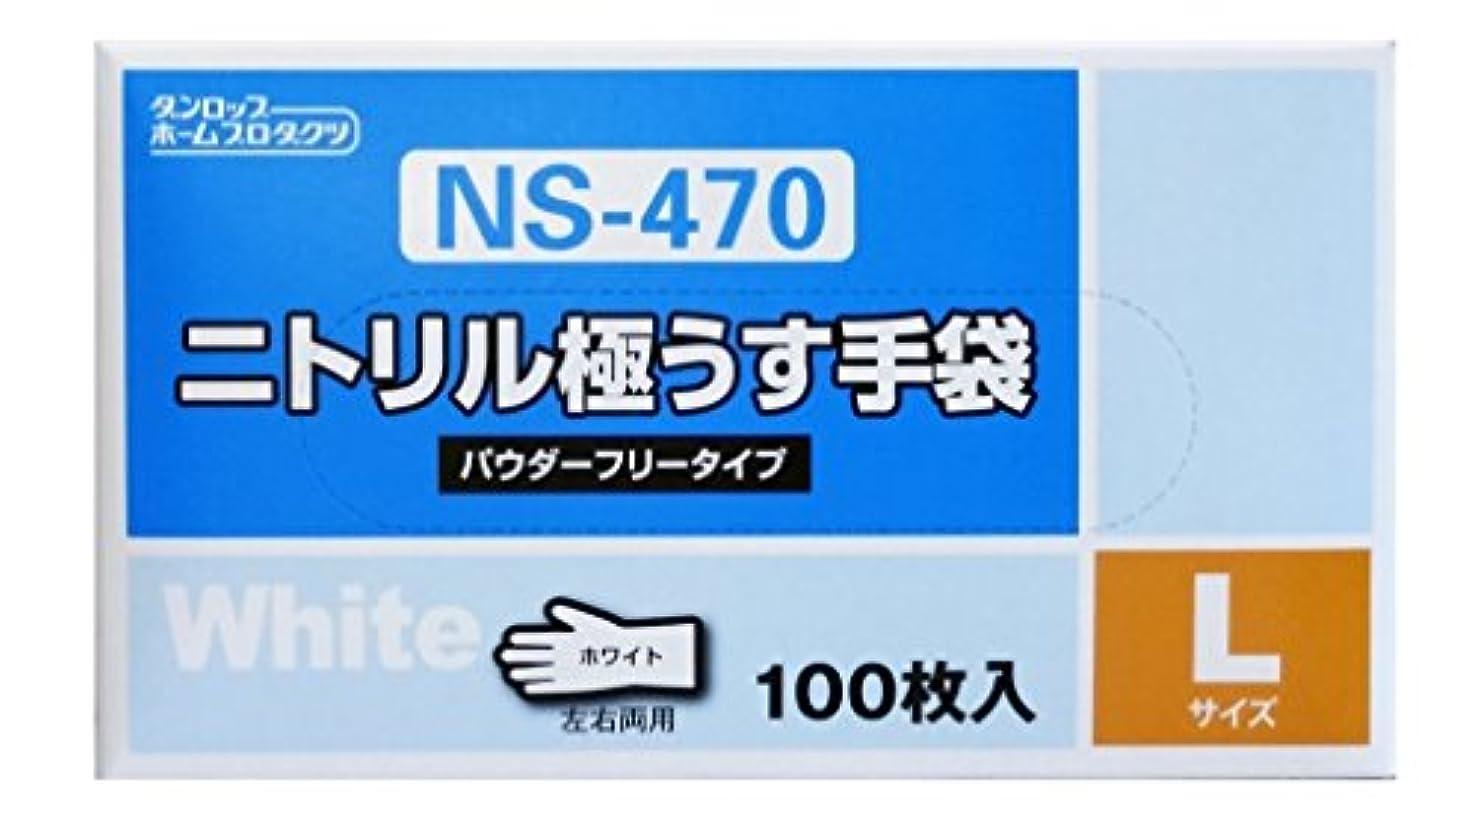 スクラップ予感スワップダンロップホームプロダクツ 粉なしニトリル極うす手袋 Lサイズ ホワイト 100枚入 NS-470